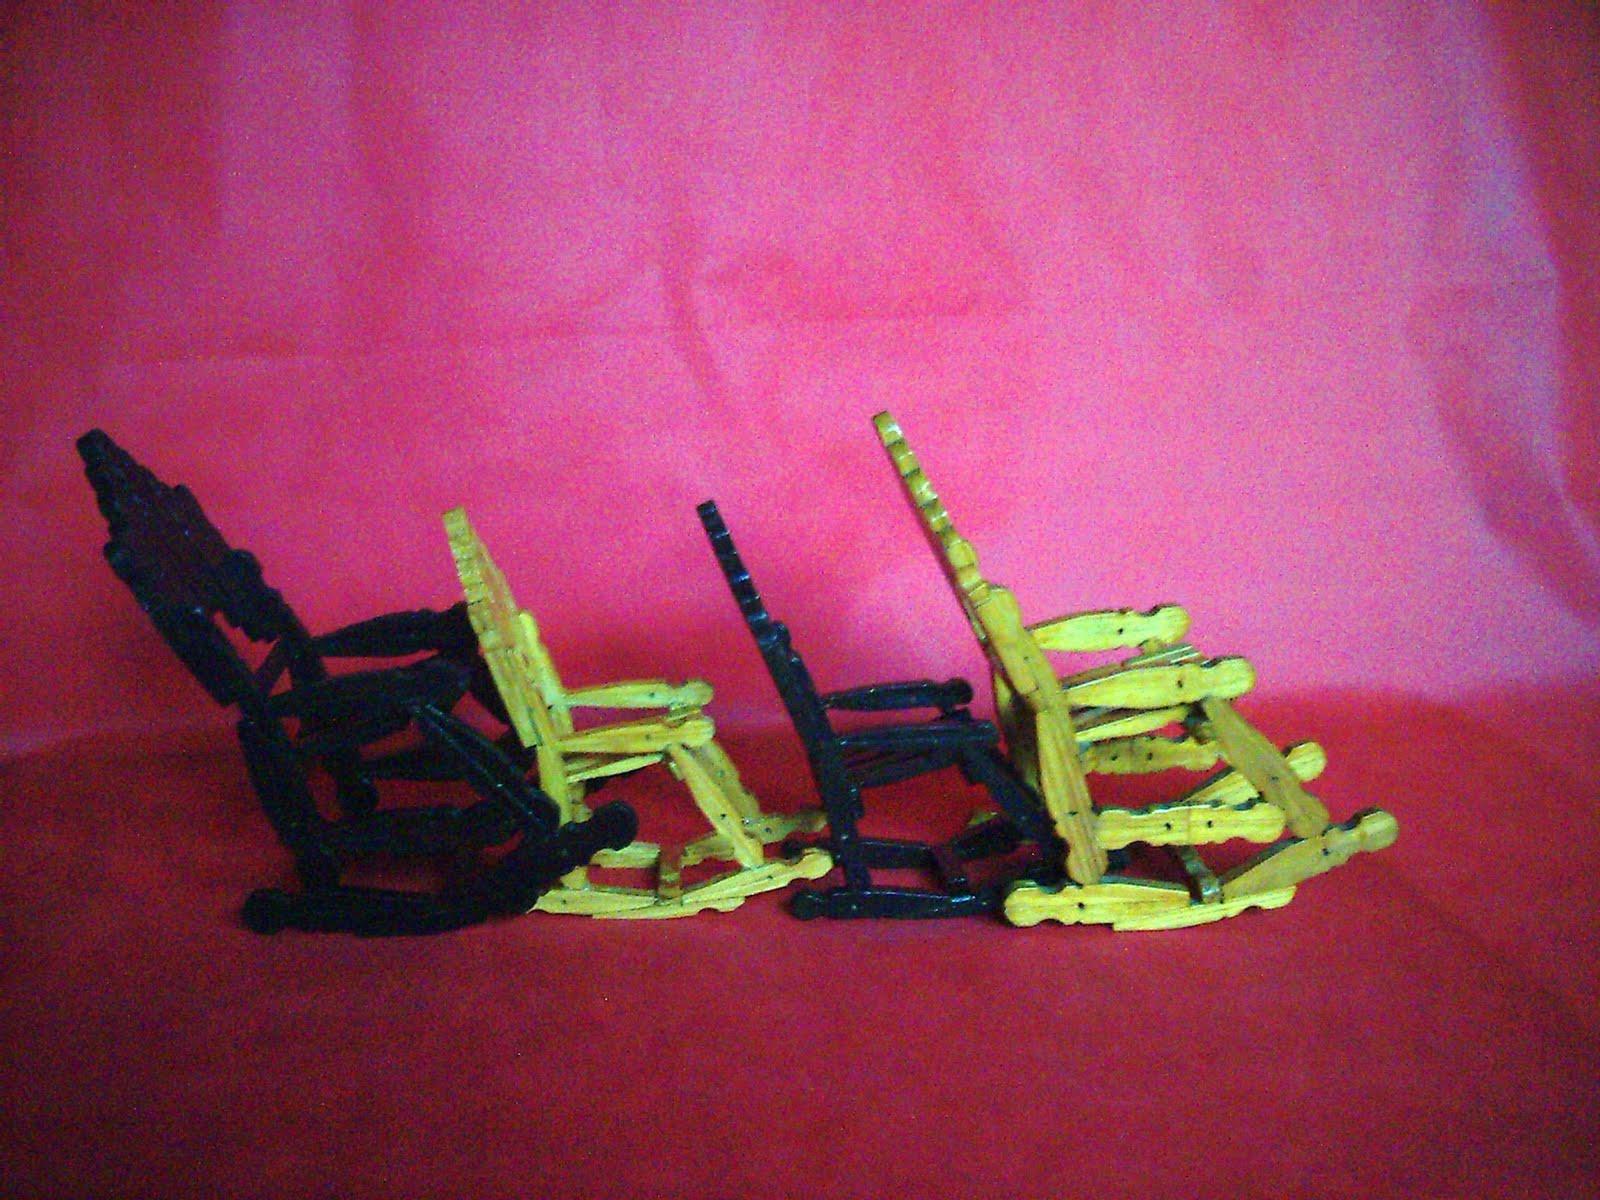 #AC1F70 ARTESANATOS COM PRENDEDORES DE ROUPAS: Fevereiro 2012 1600x1200 px cadeira de balanço com pregador @ bernauer.info Móveis Antigos Novos E Usados Online